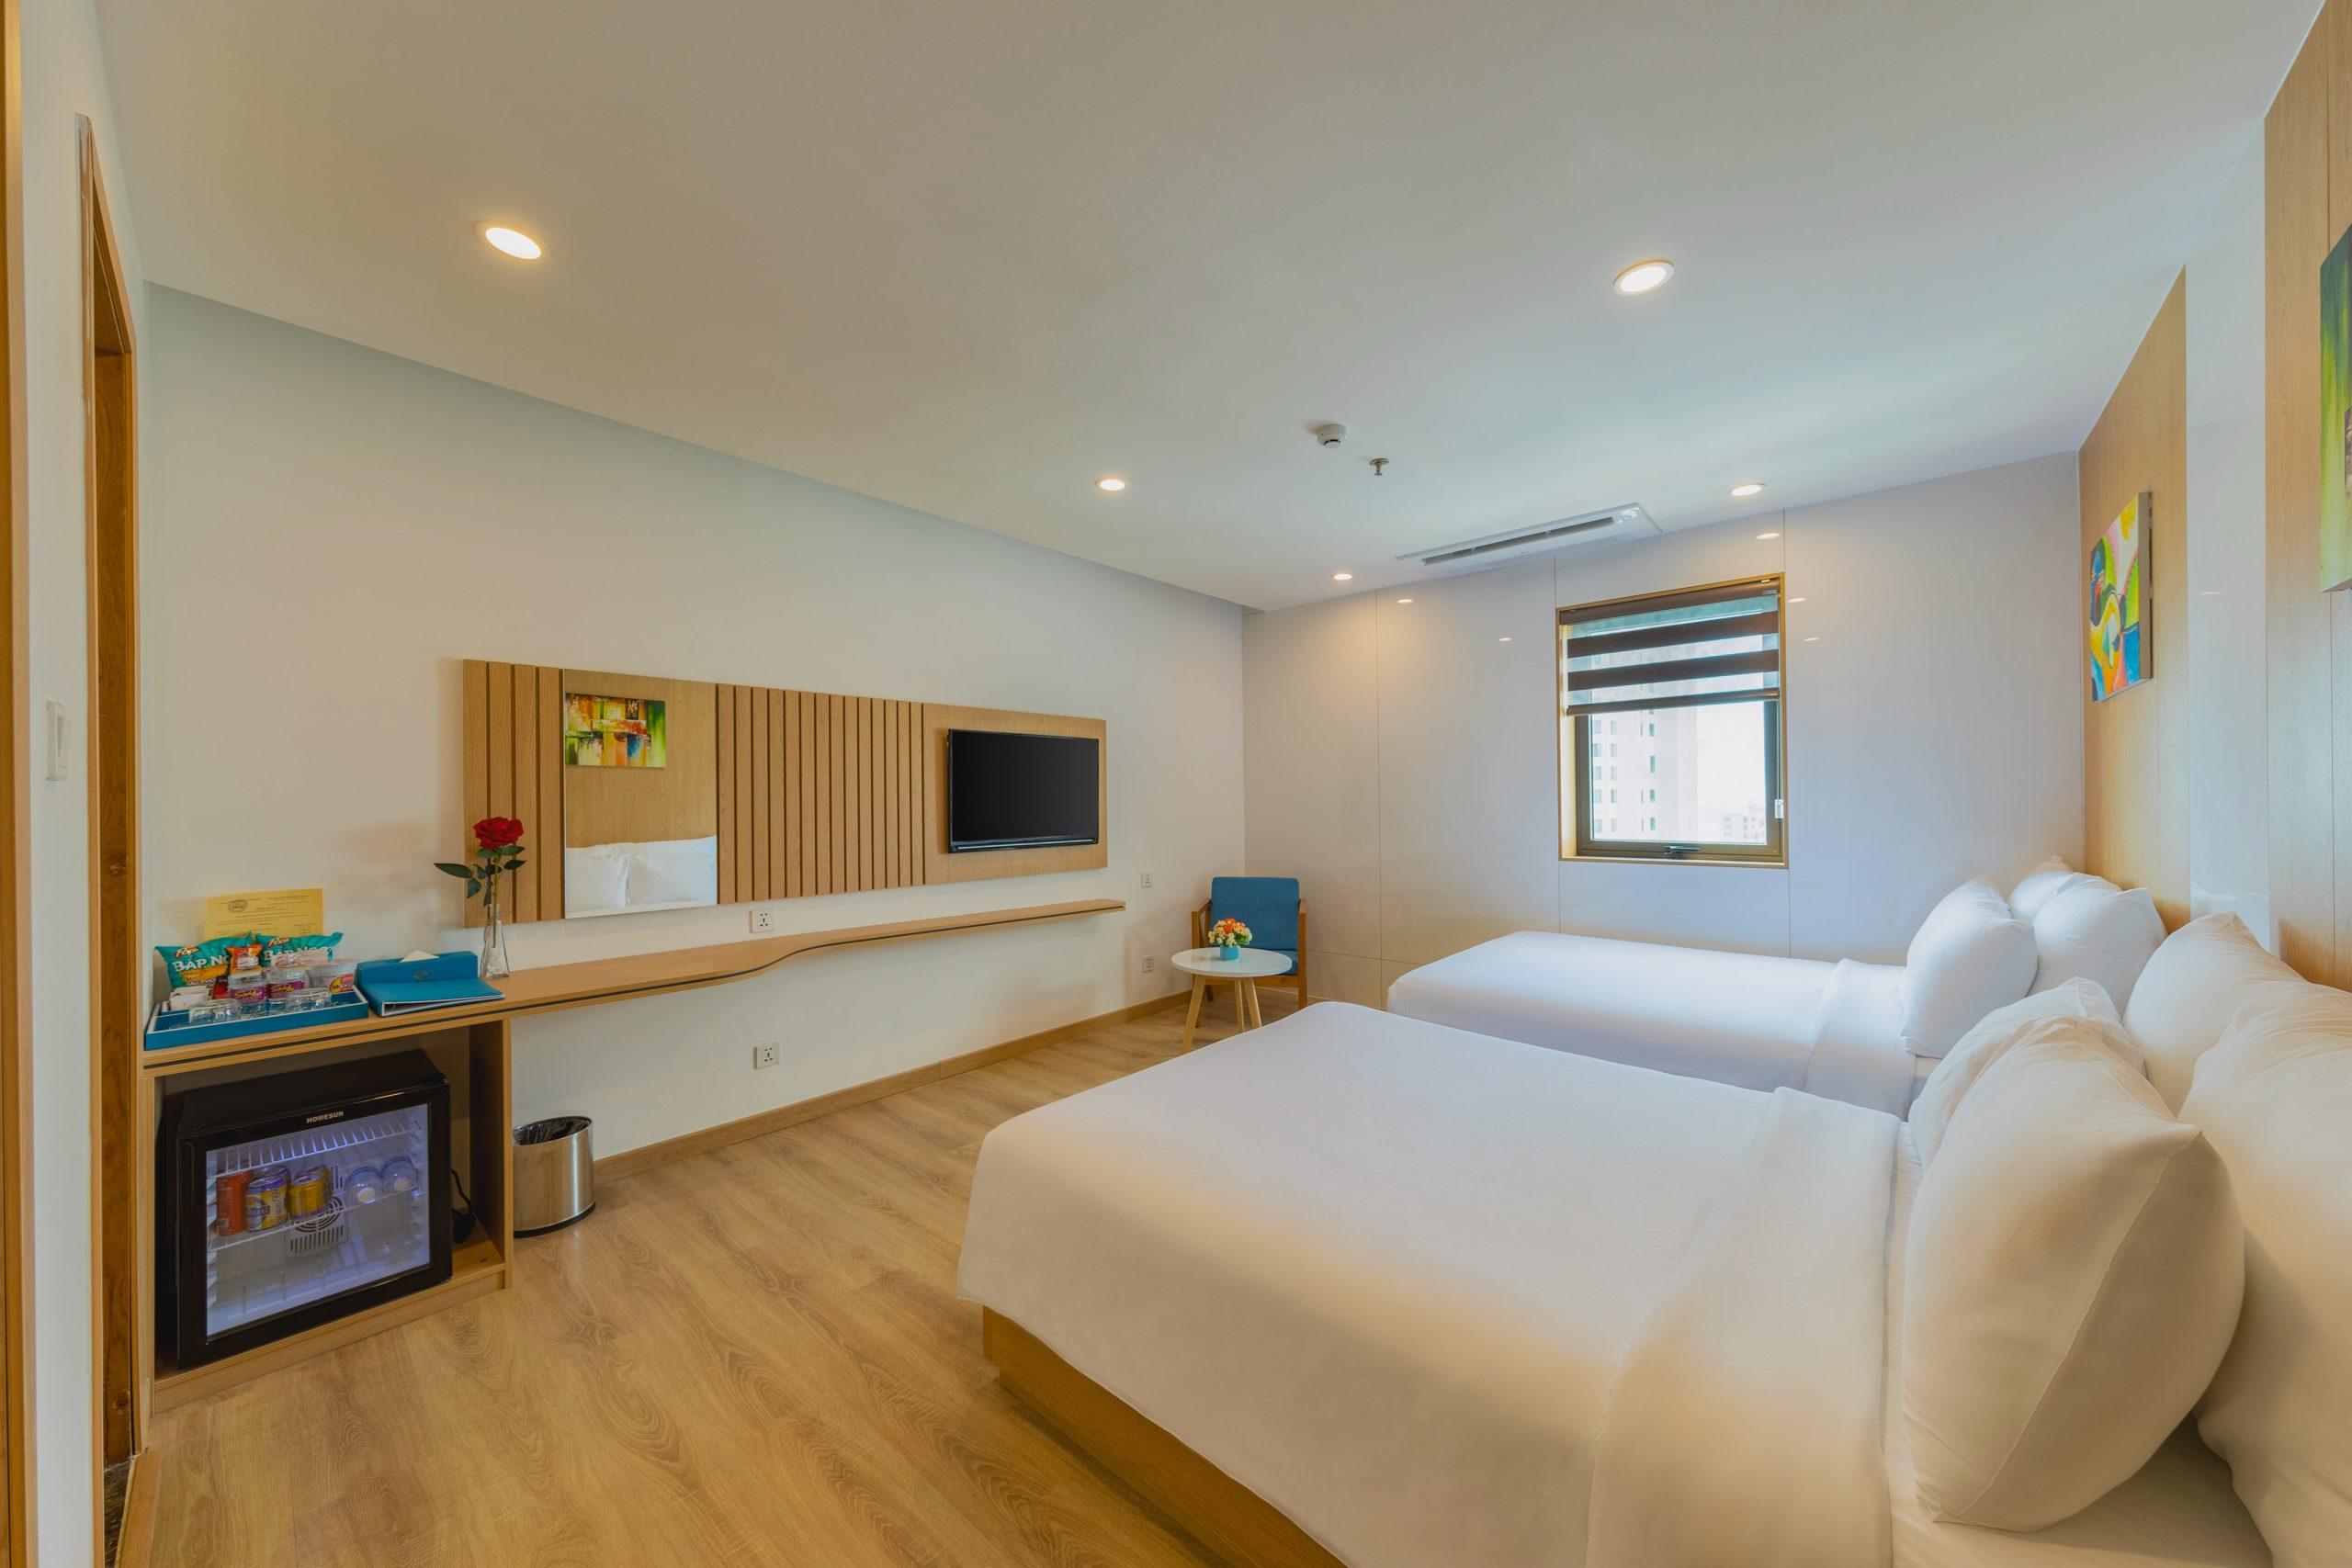 khách sạn 3 sao trung tâm đà nẵng - Gold Luxury Hotel Danang